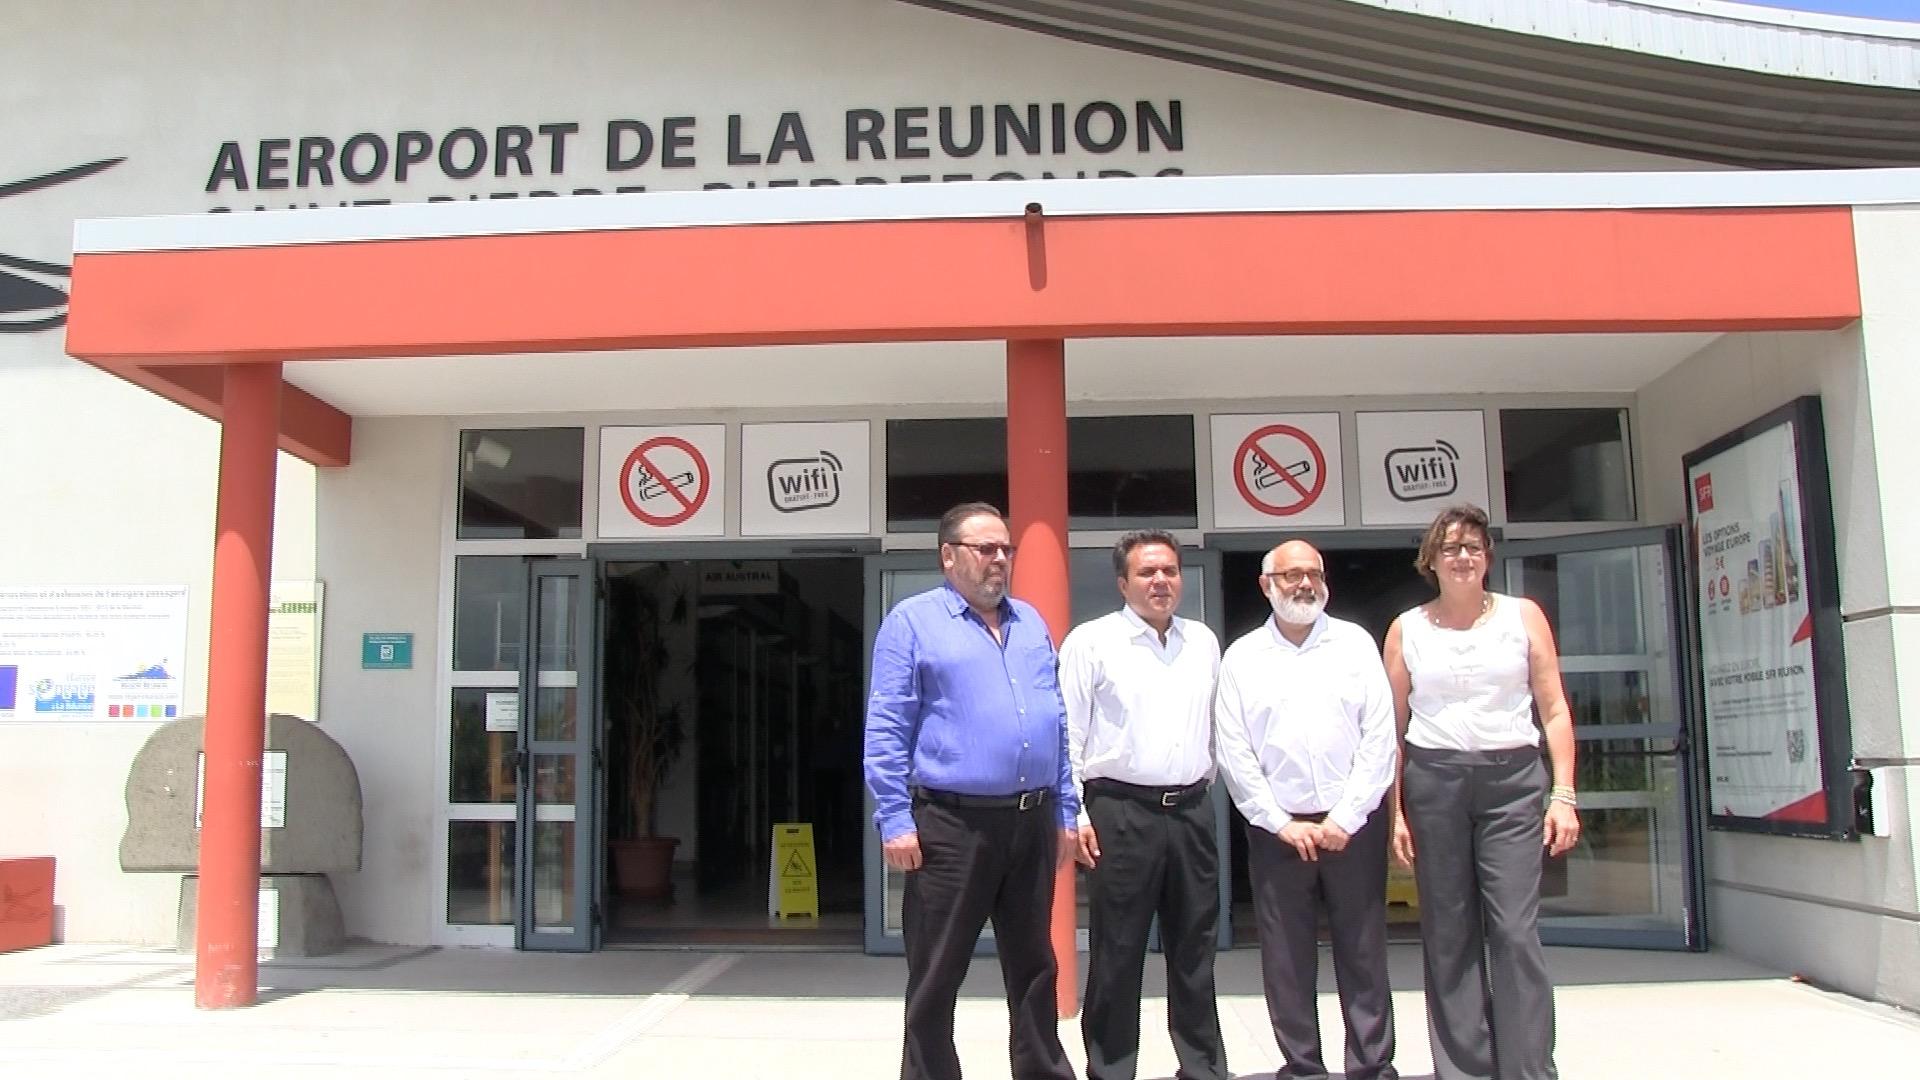 Didier ROBERT et les Maires du Sud : Une compagnie Low-Cost pour Pierrefonds